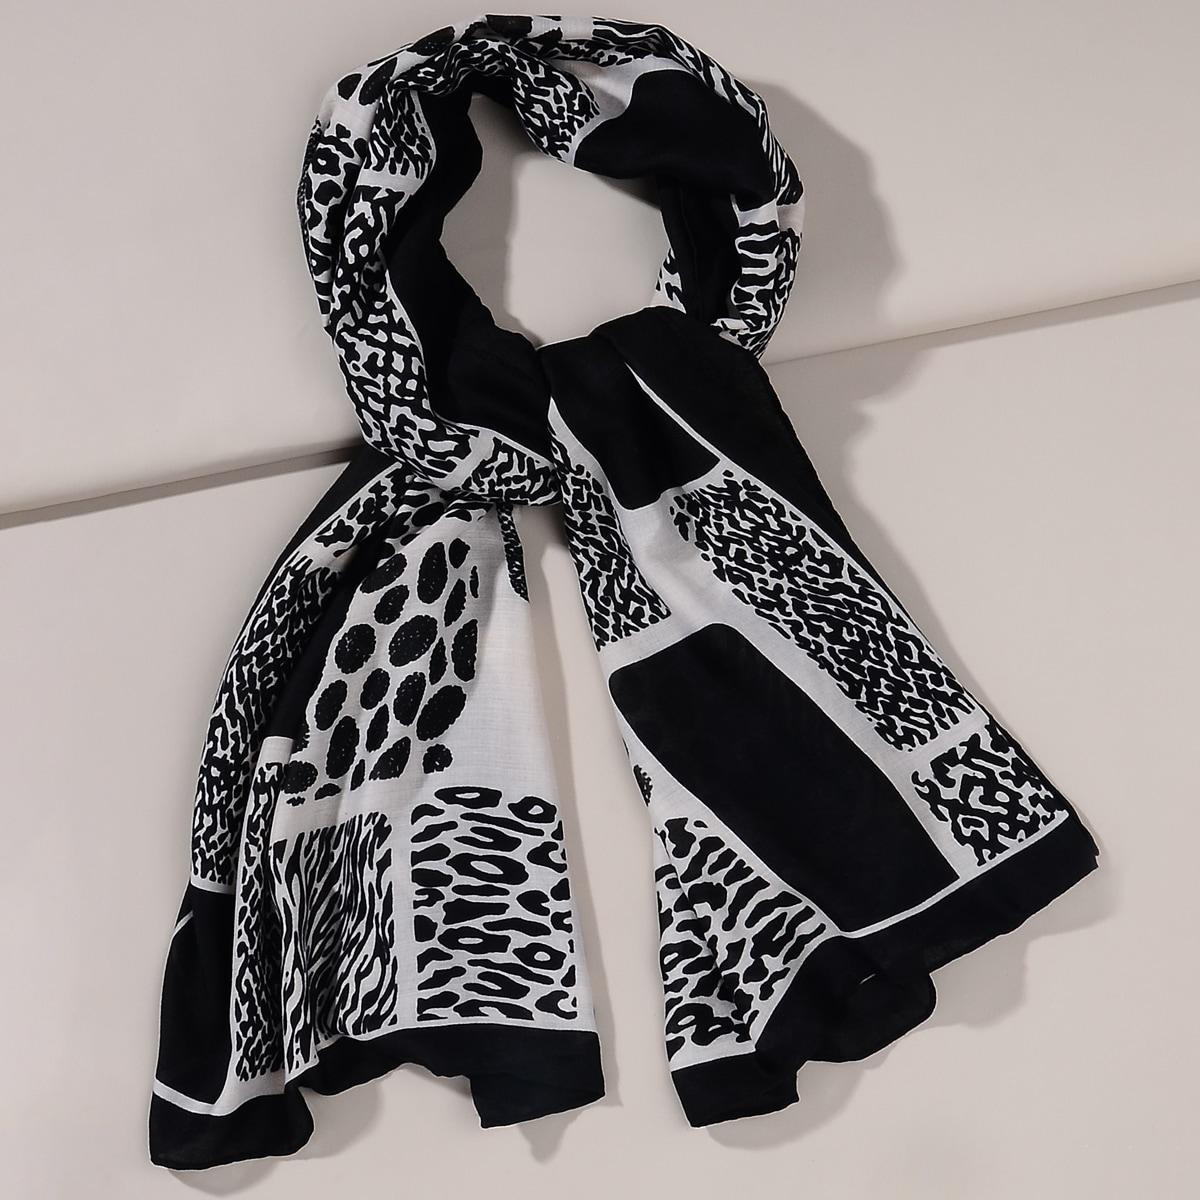 shein Tweekleurige sjaal met stippenprint